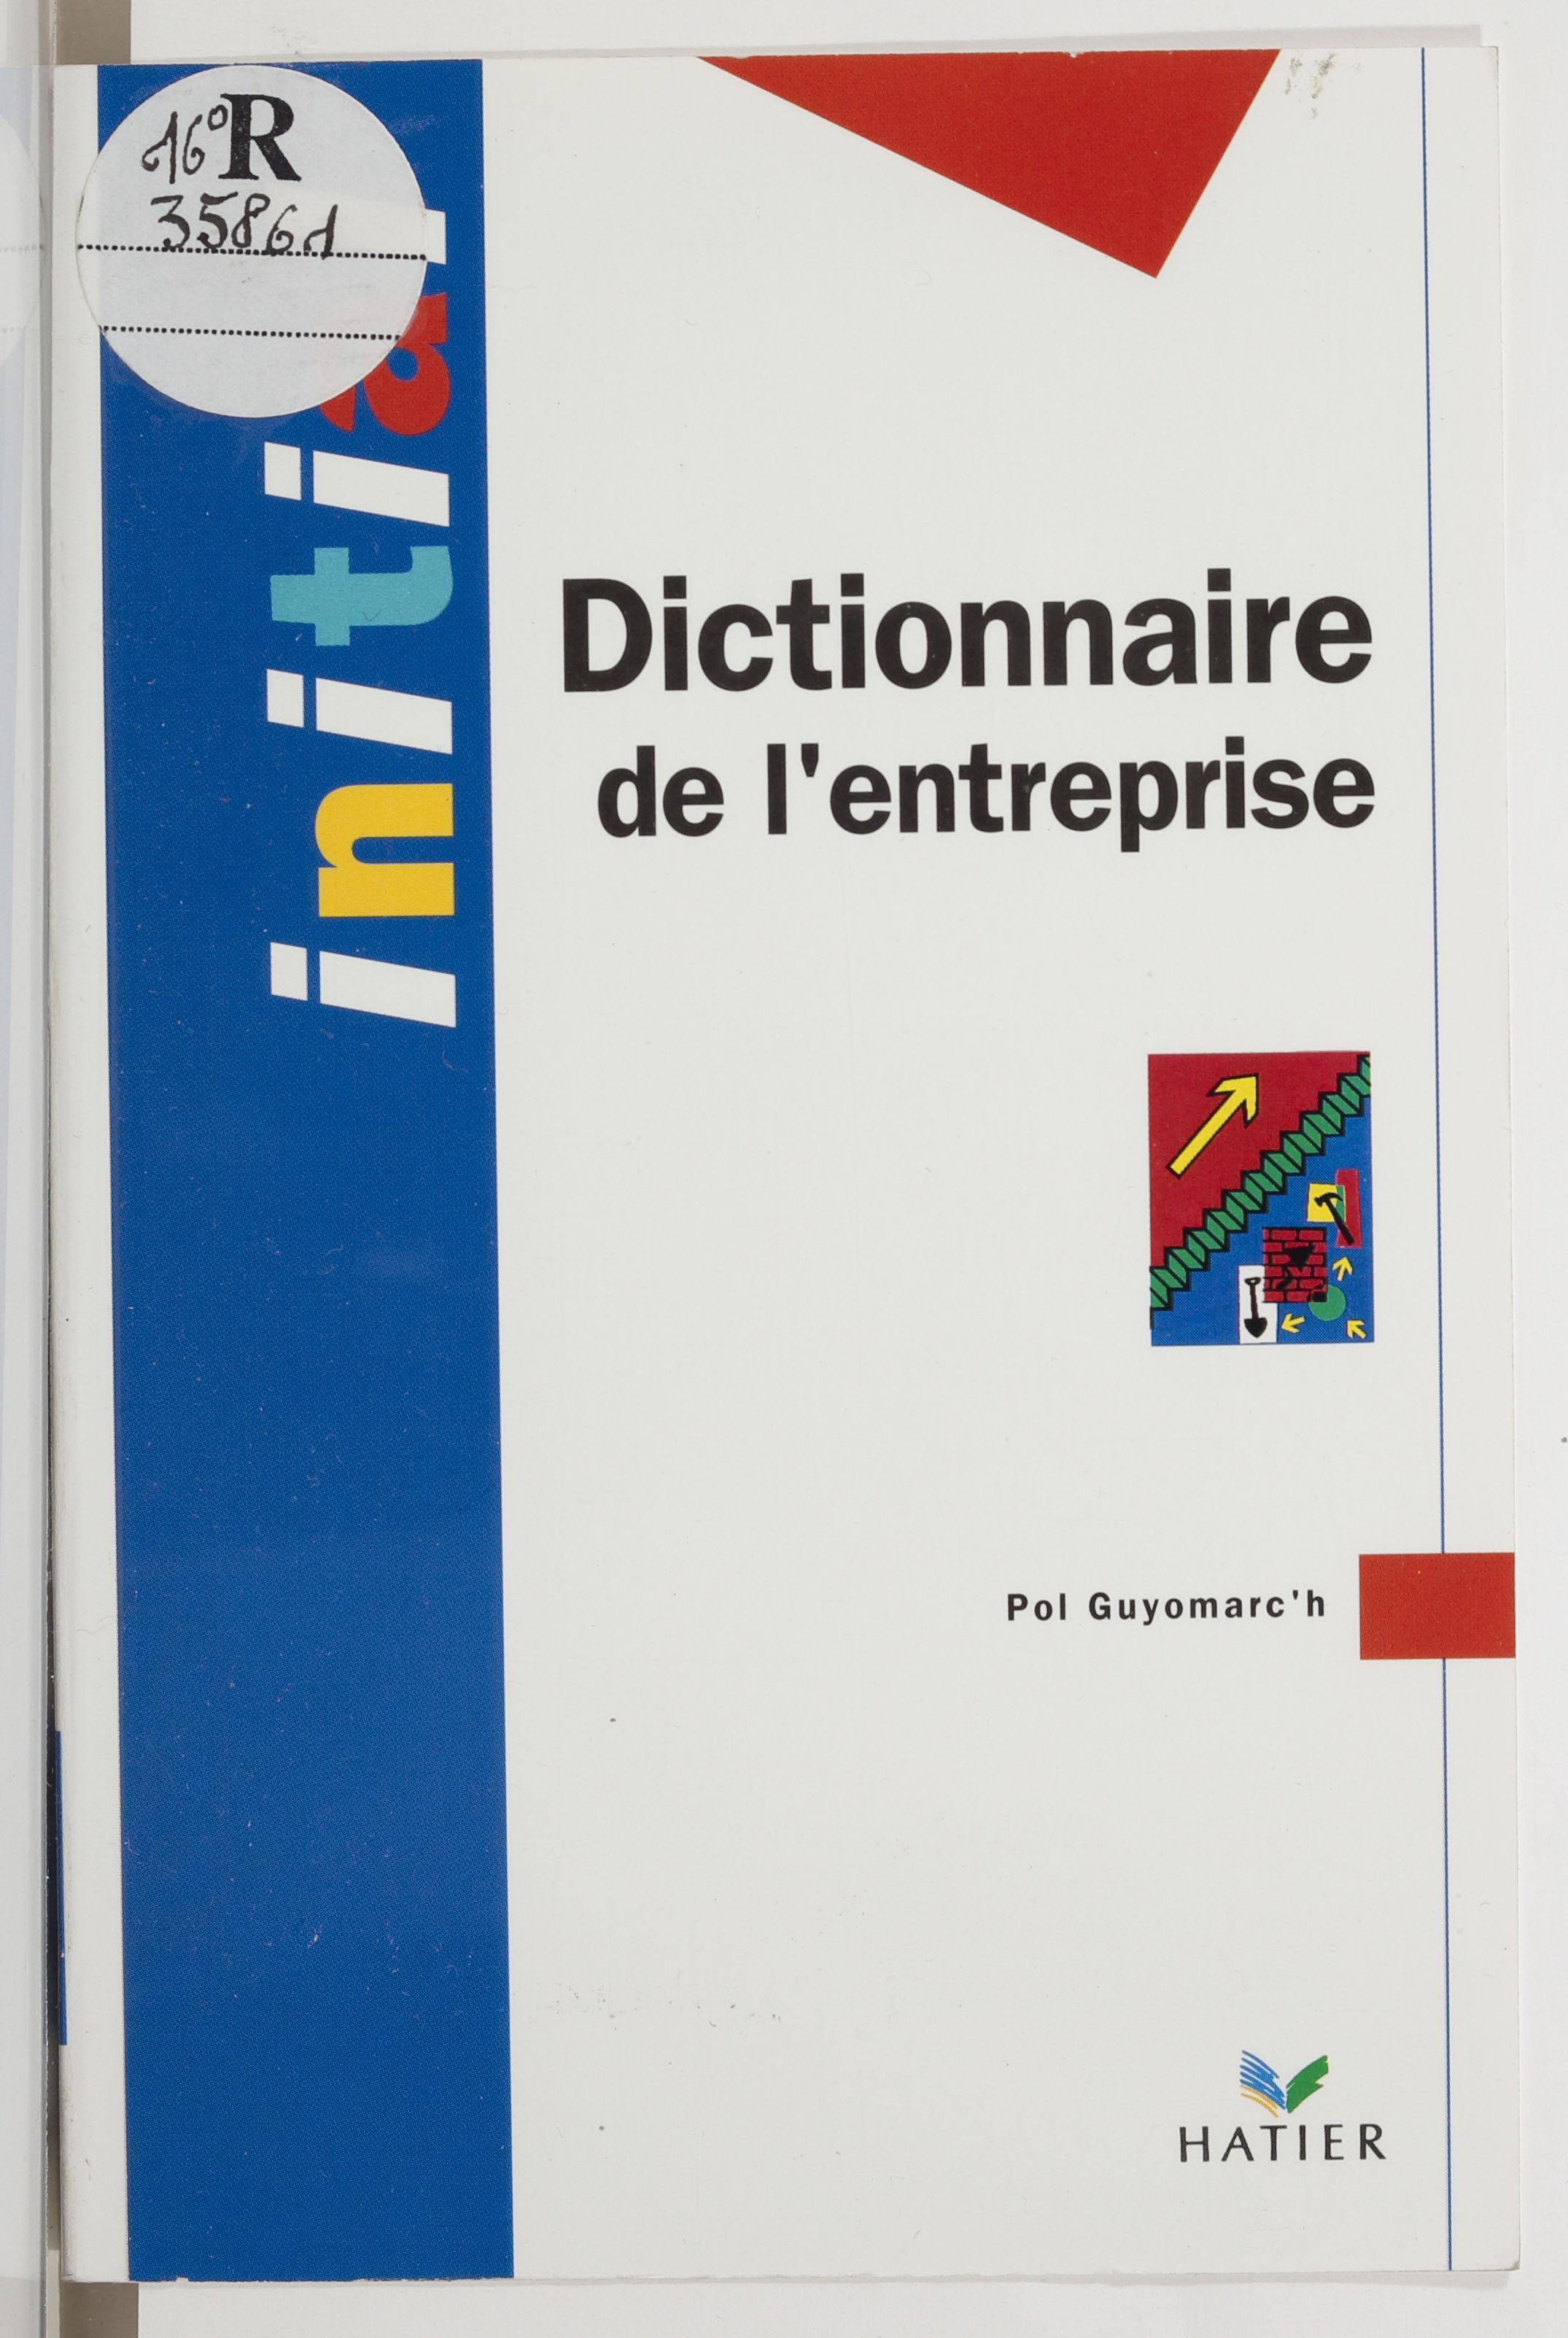 Dictionnaire de l'entreprise